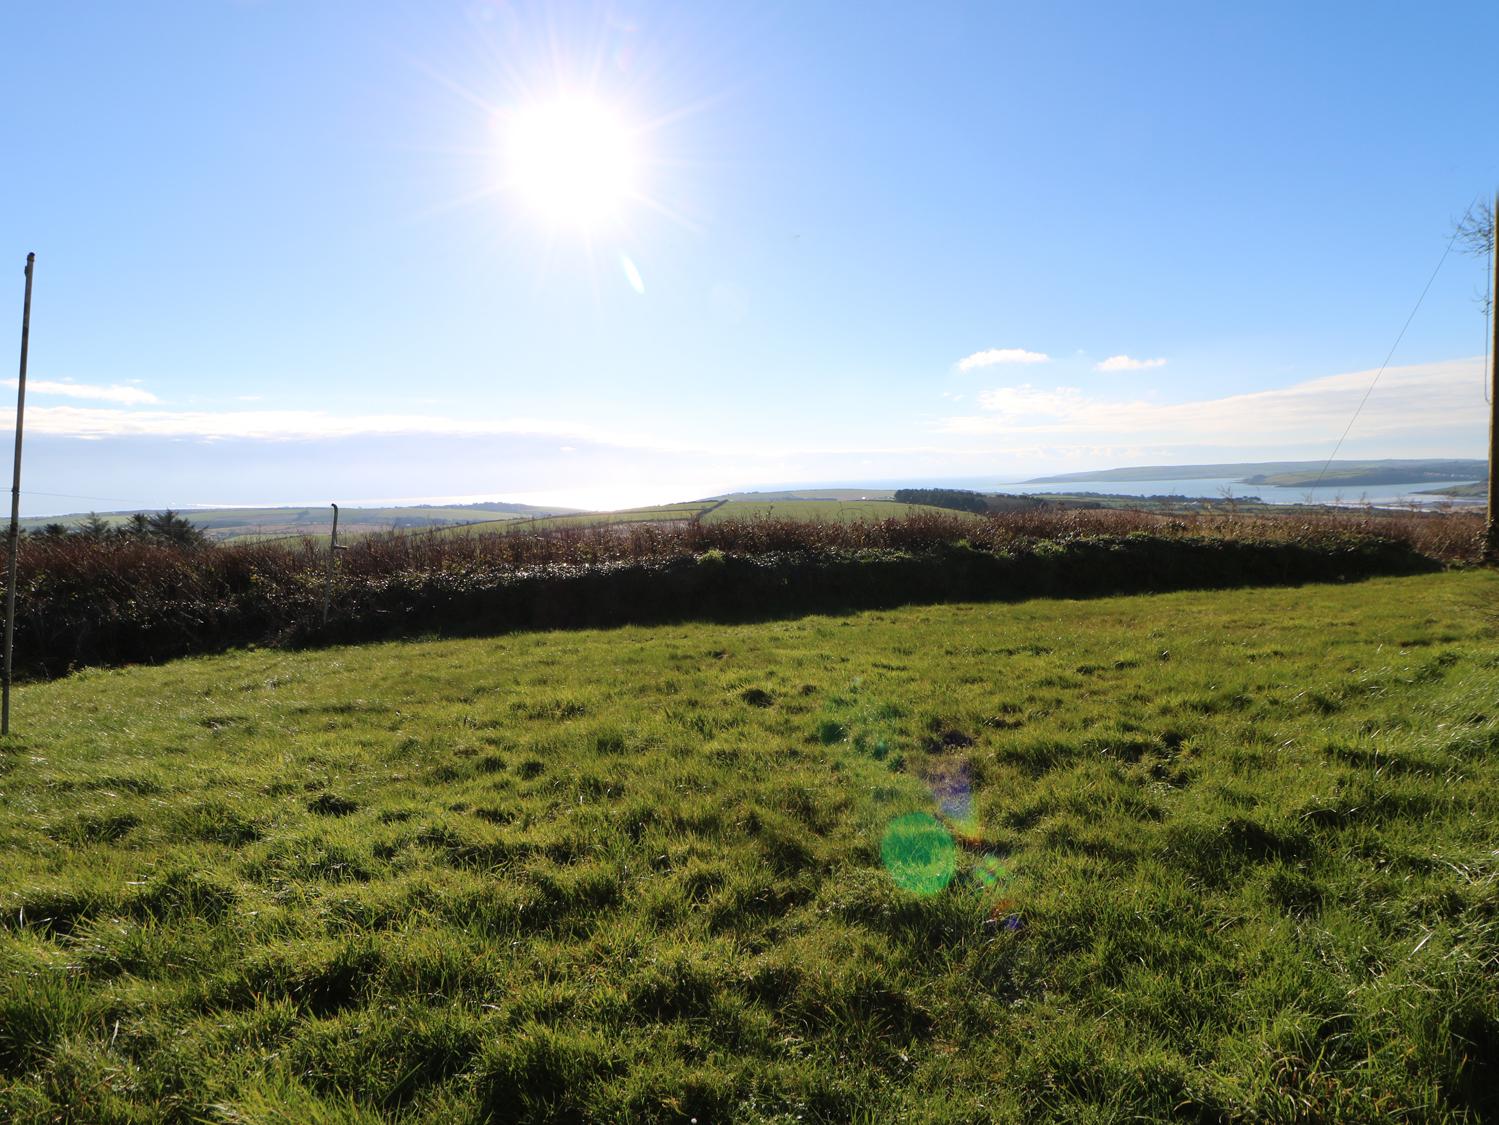 Atlantic View, Ireland